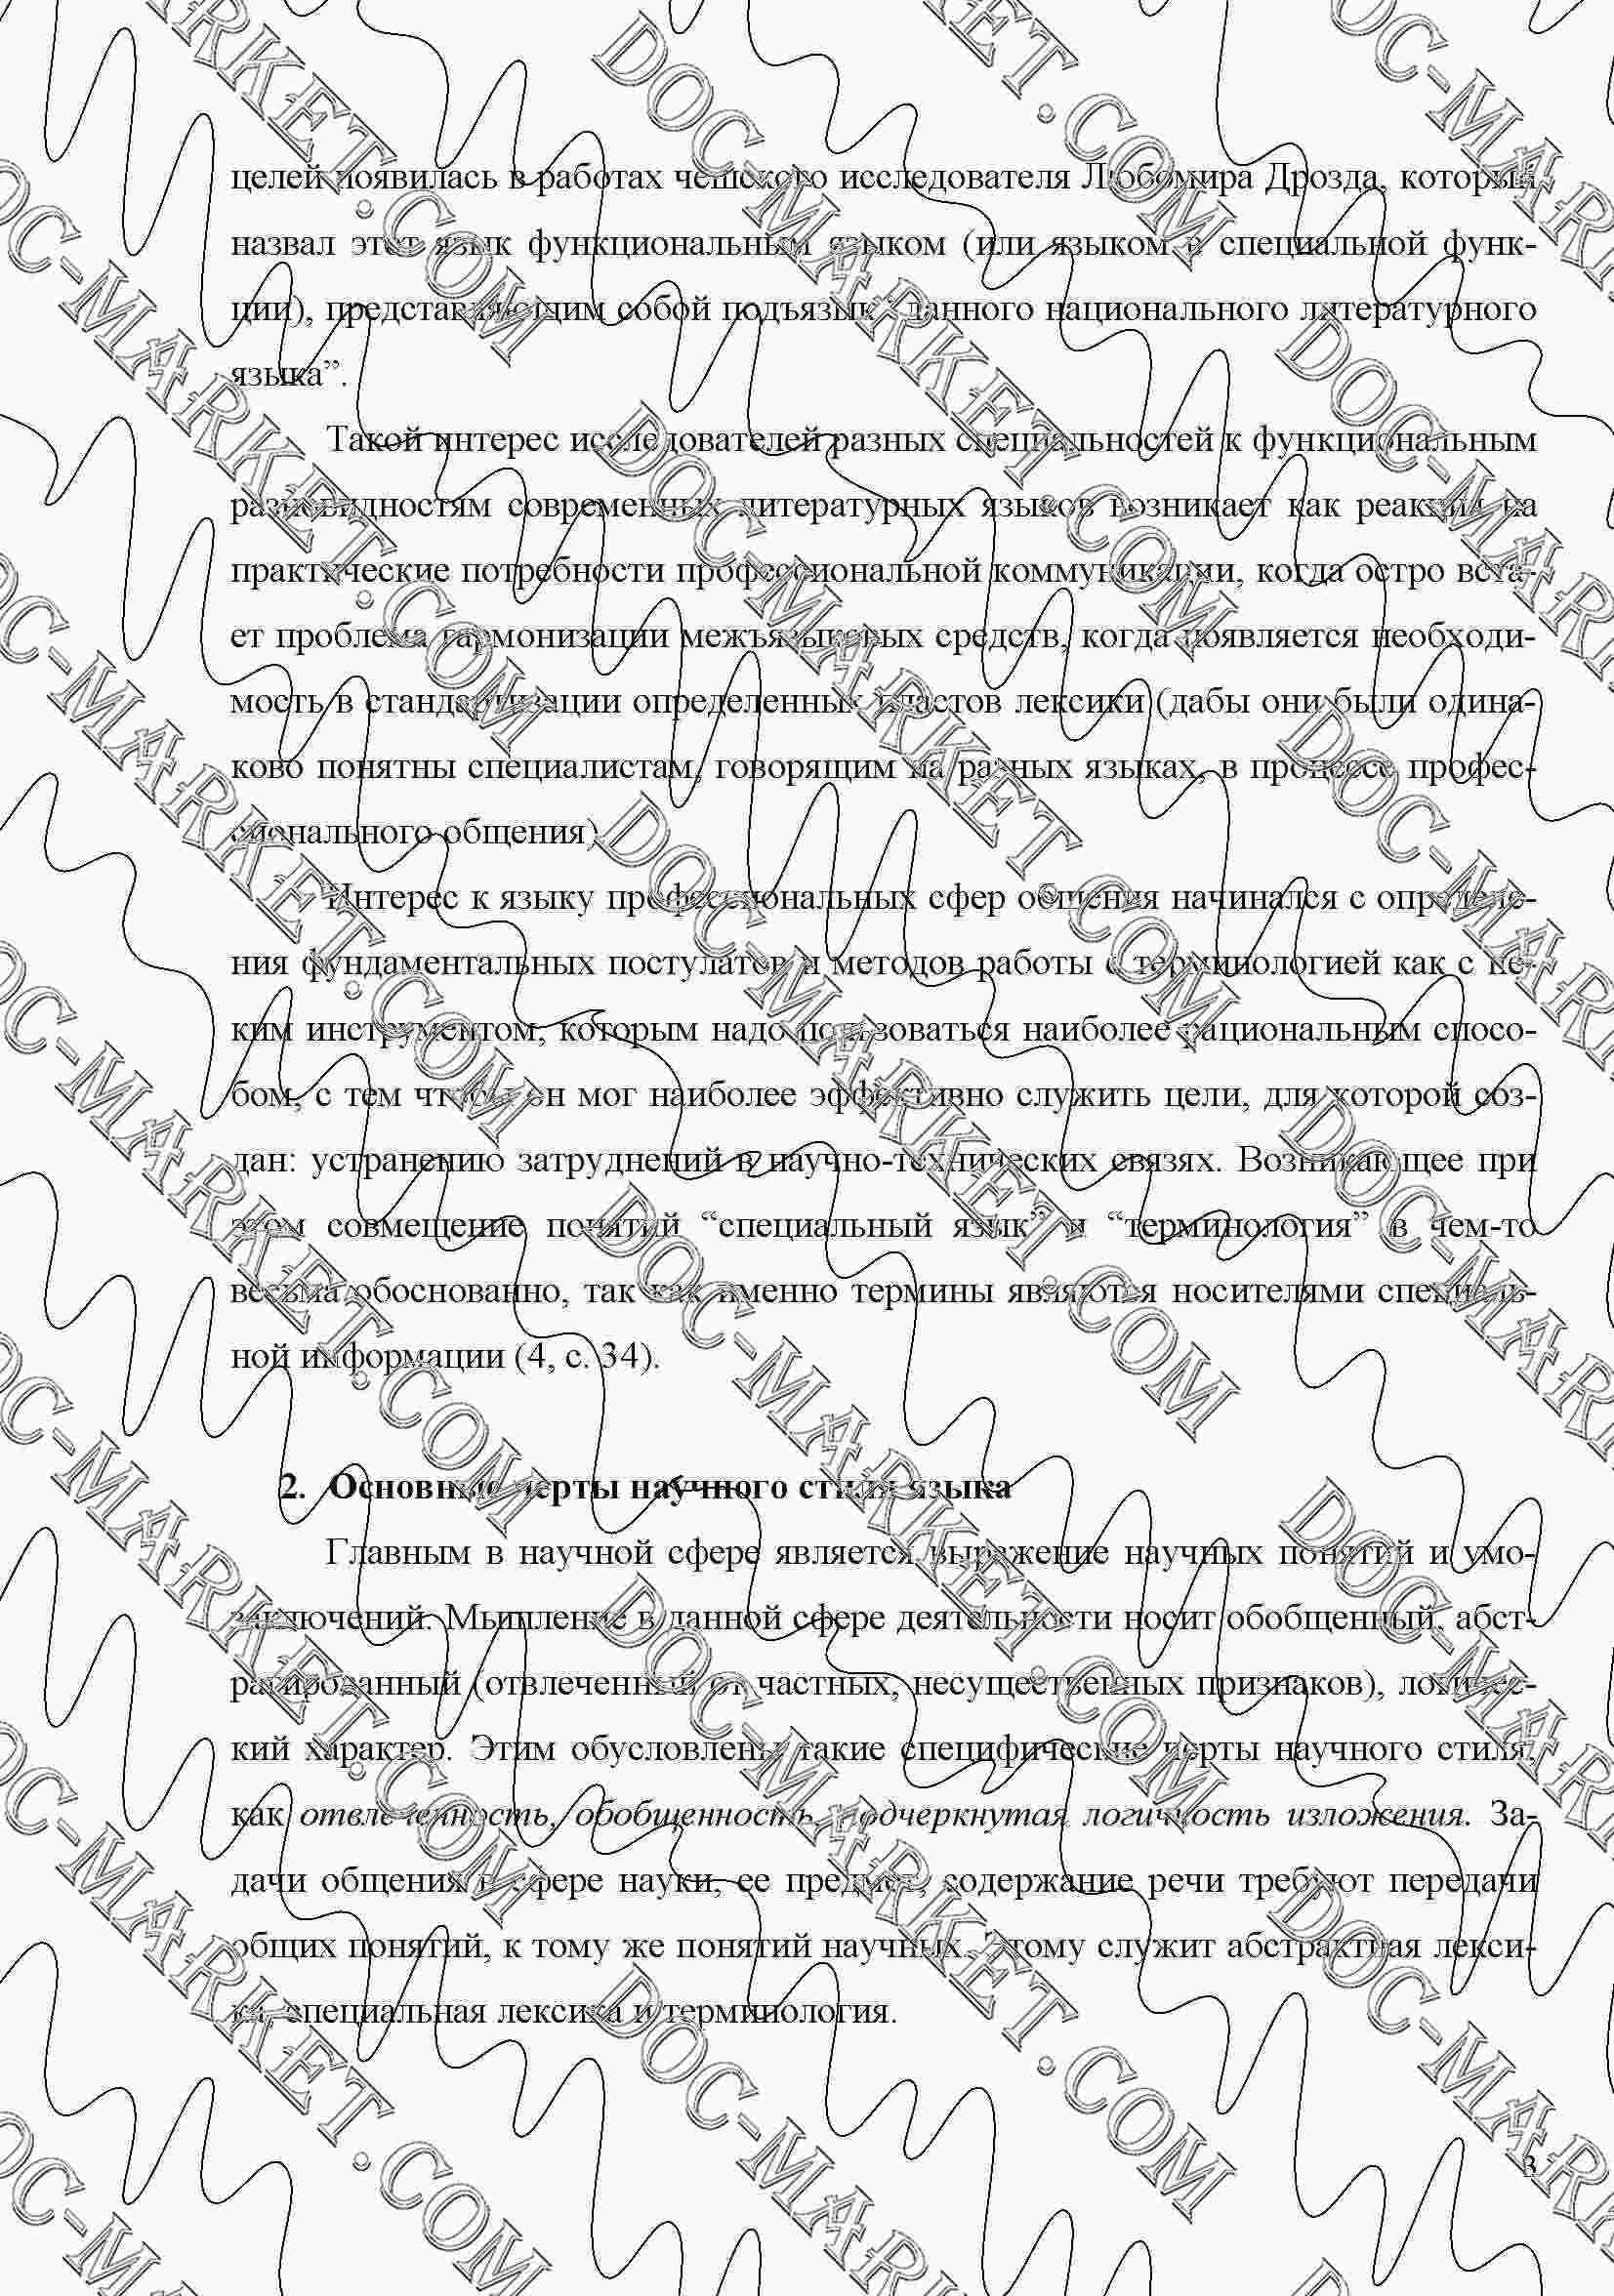 Текст научного стиля на белорусском языке - 6a5e